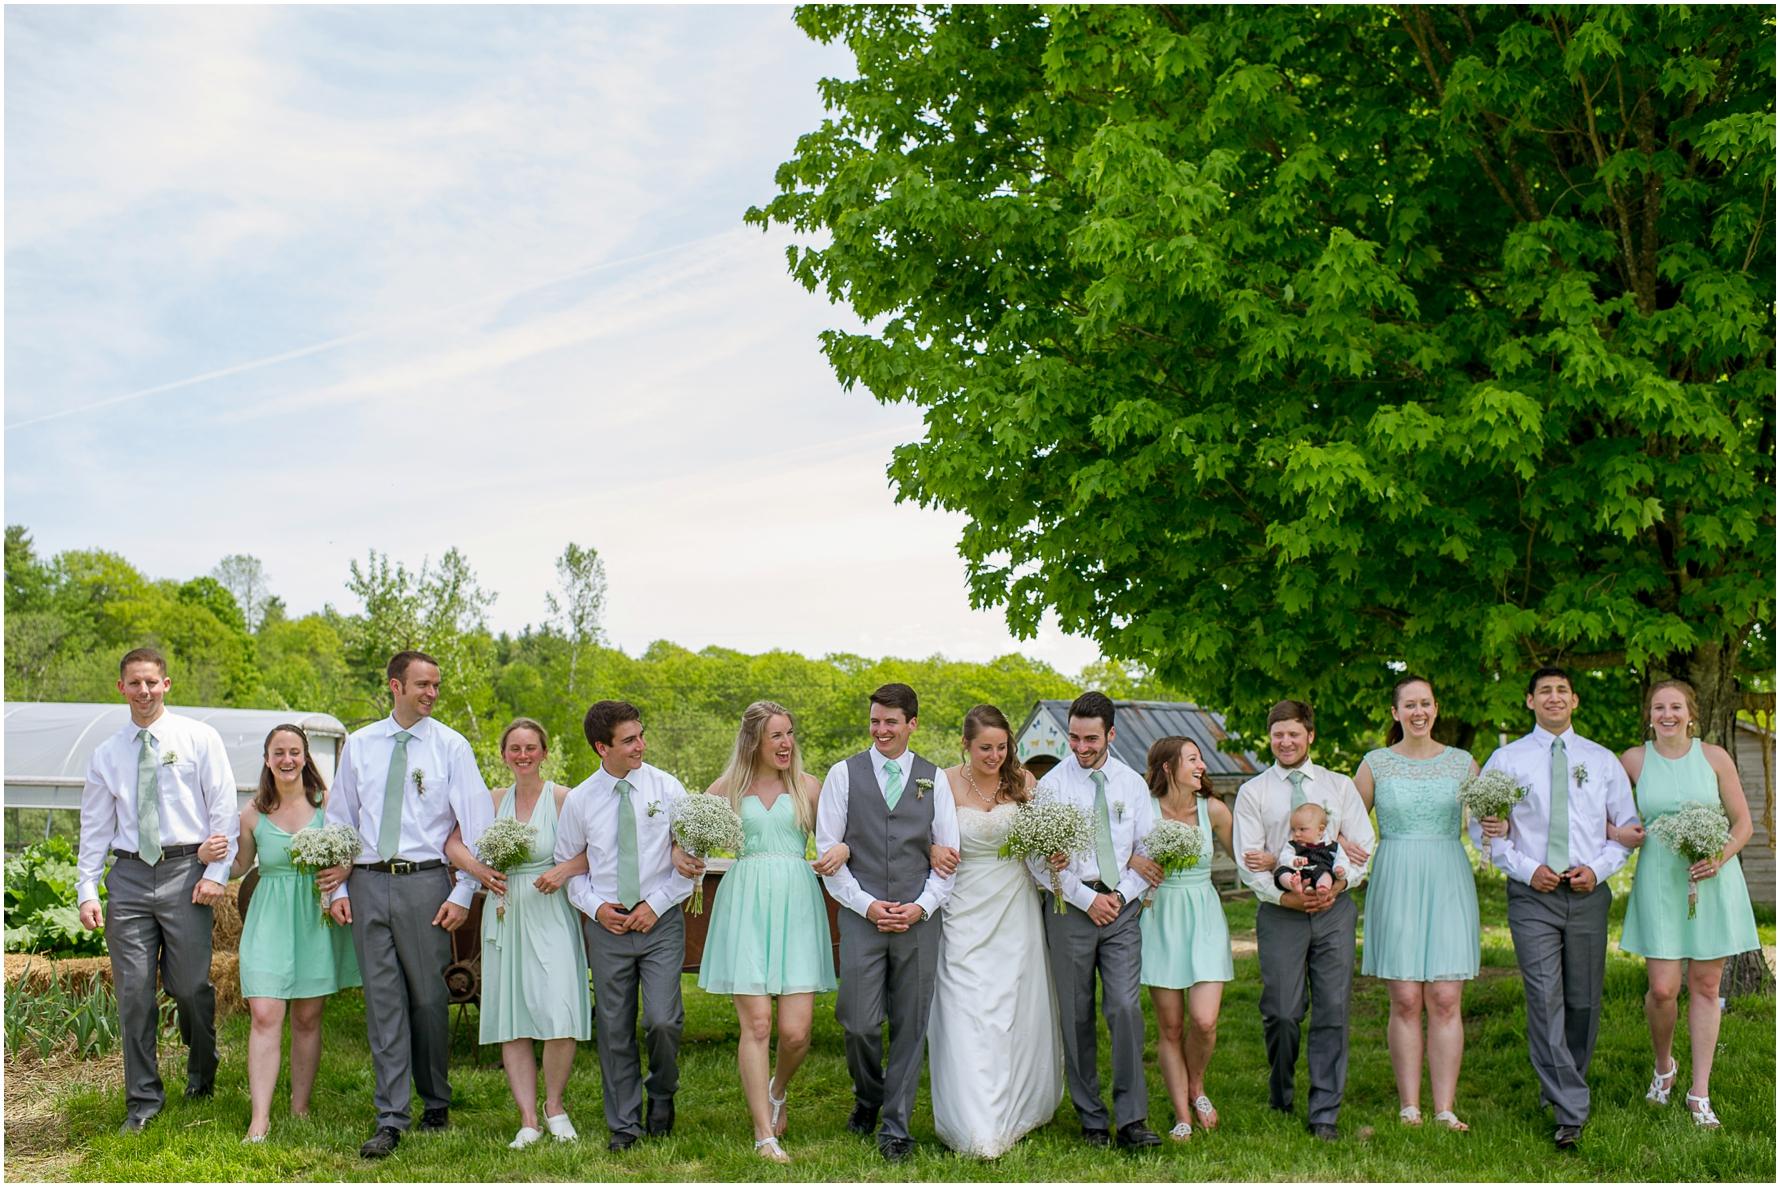 Farm wedding in Maine